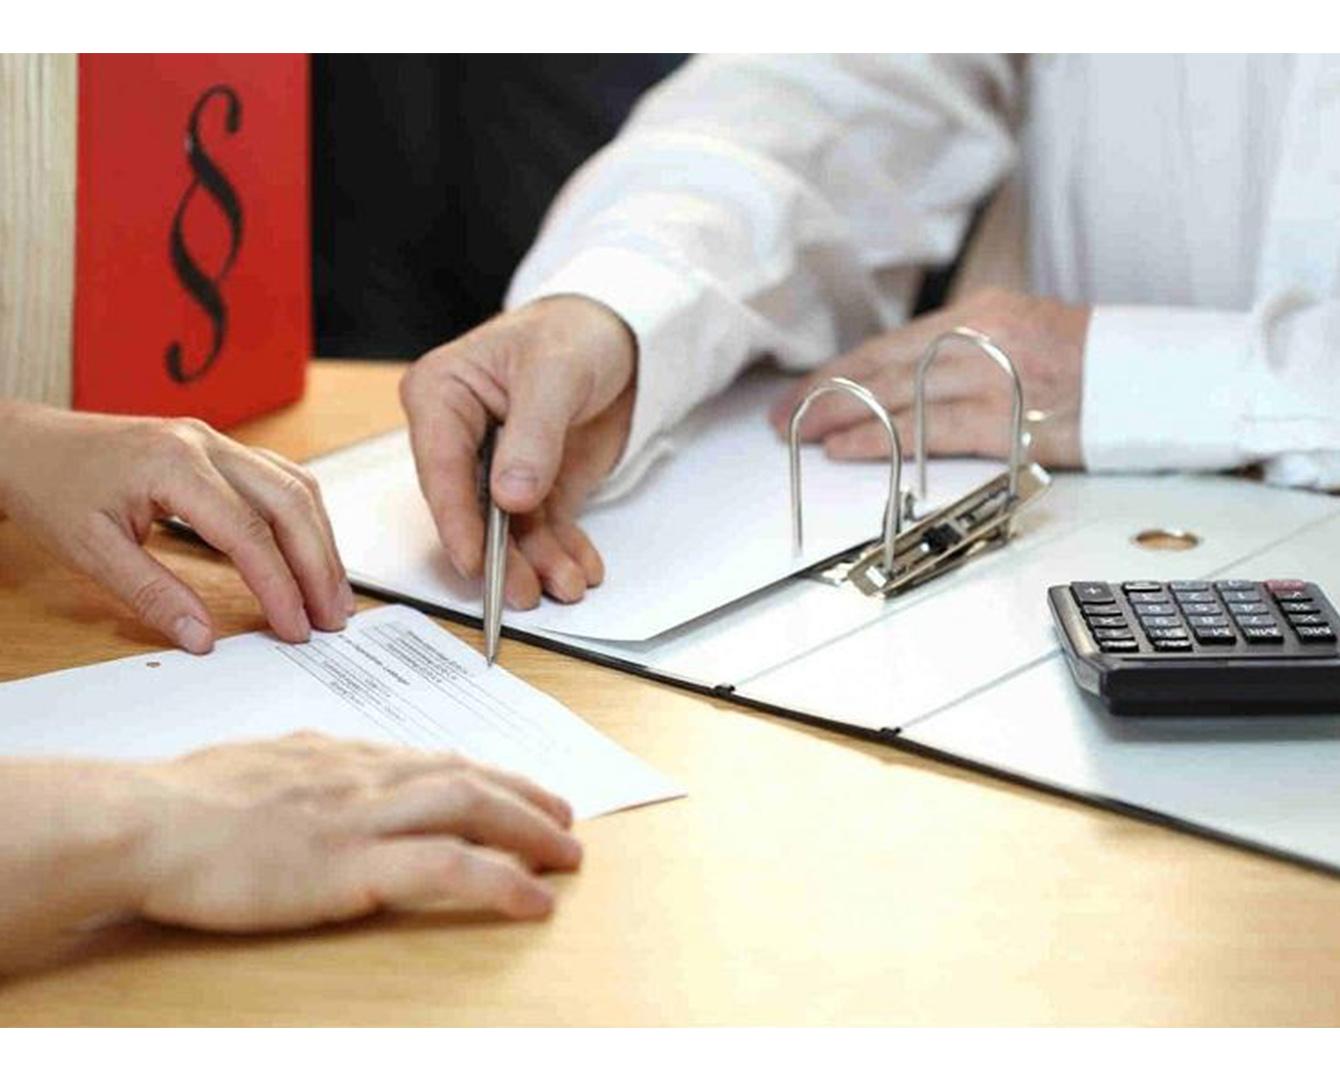 Кредитная история будет учитываться при приеме на работу в Казахстане